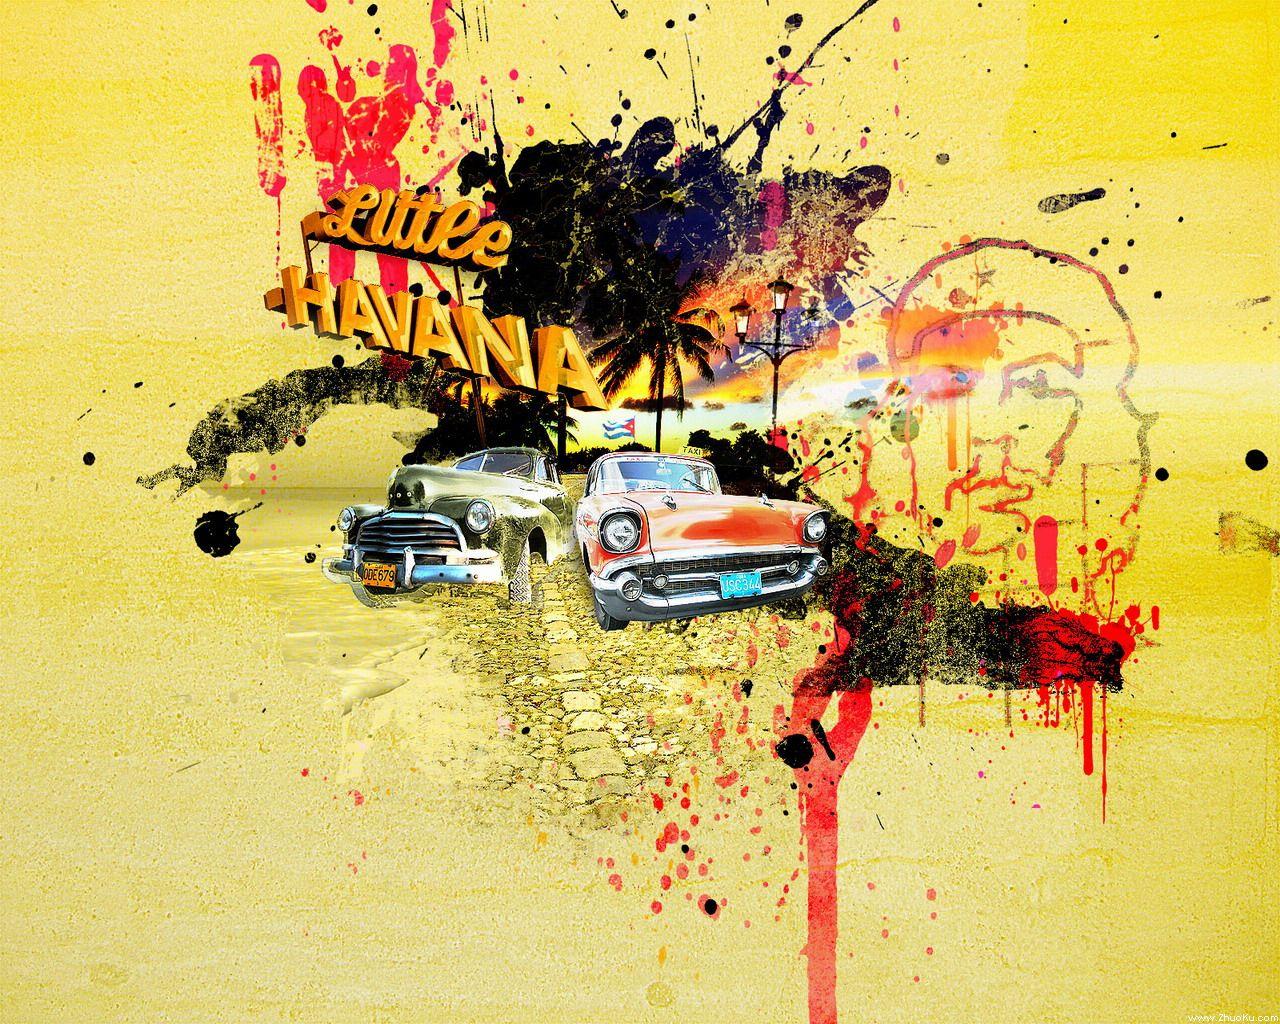 240 320 壁纸高清壁_街舞涂鸦壁纸图片展示_街舞涂鸦壁纸相关图片下载